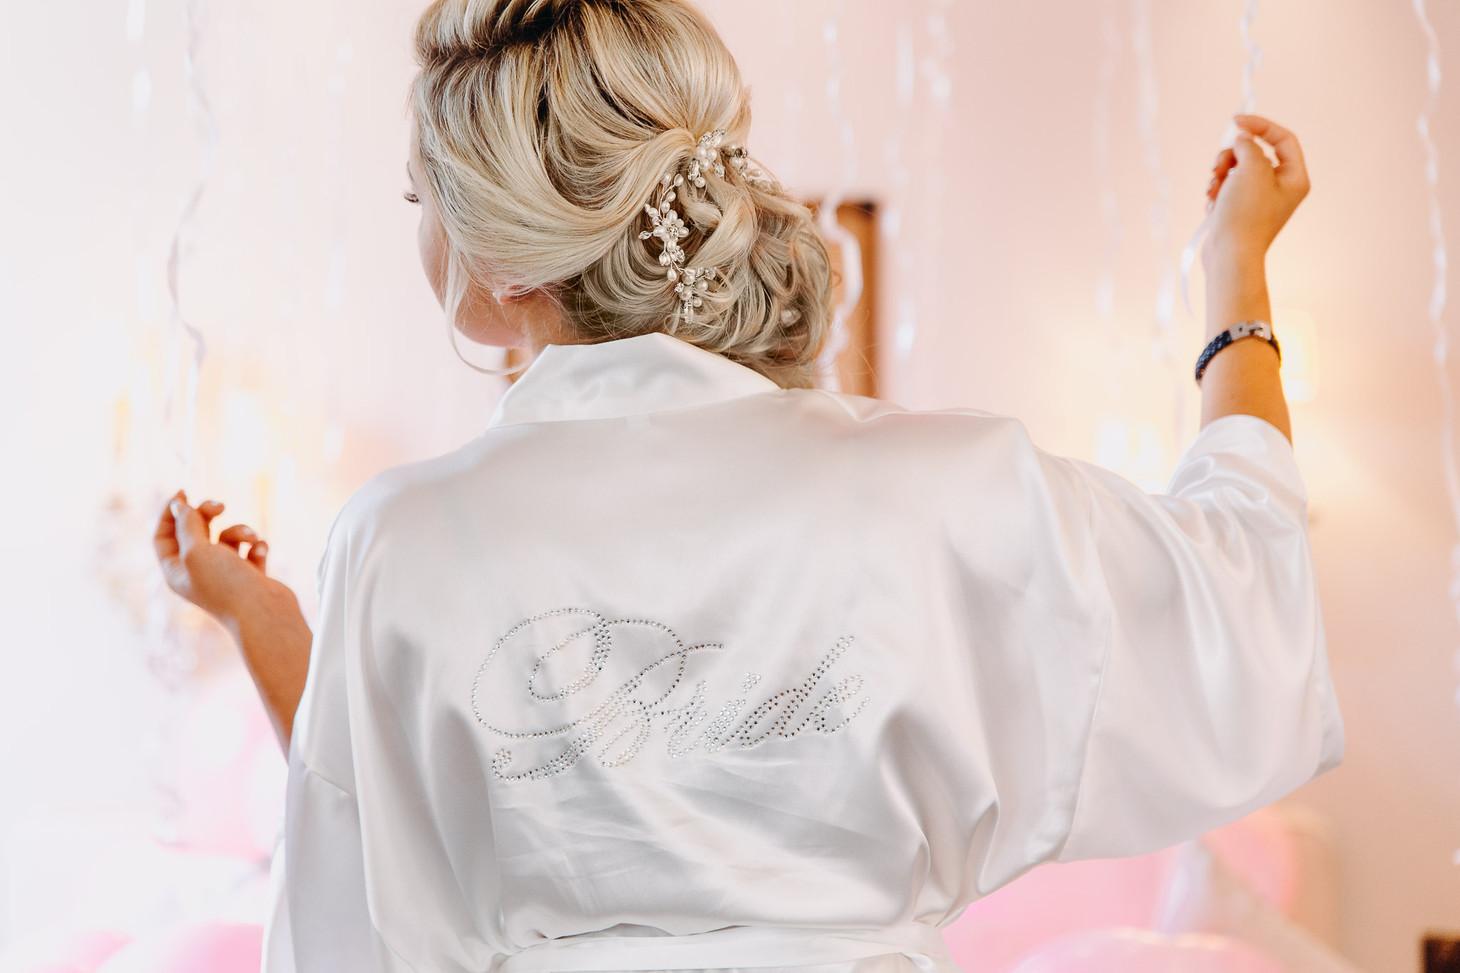 Brautfrisur Bride Getting Ready Hochzeitsfotograf Heidelberg